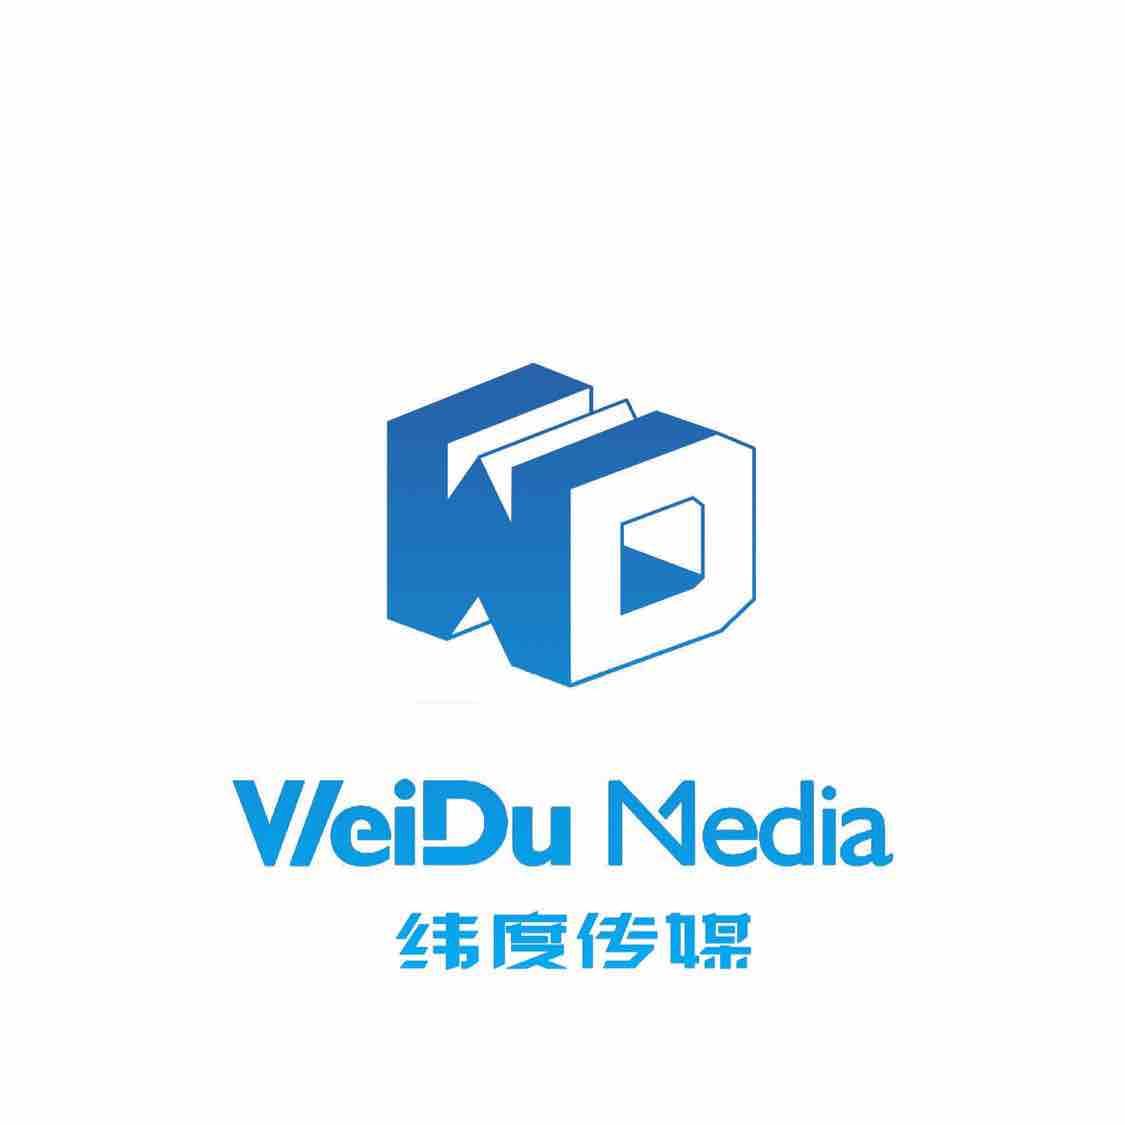 九江纬度传媒